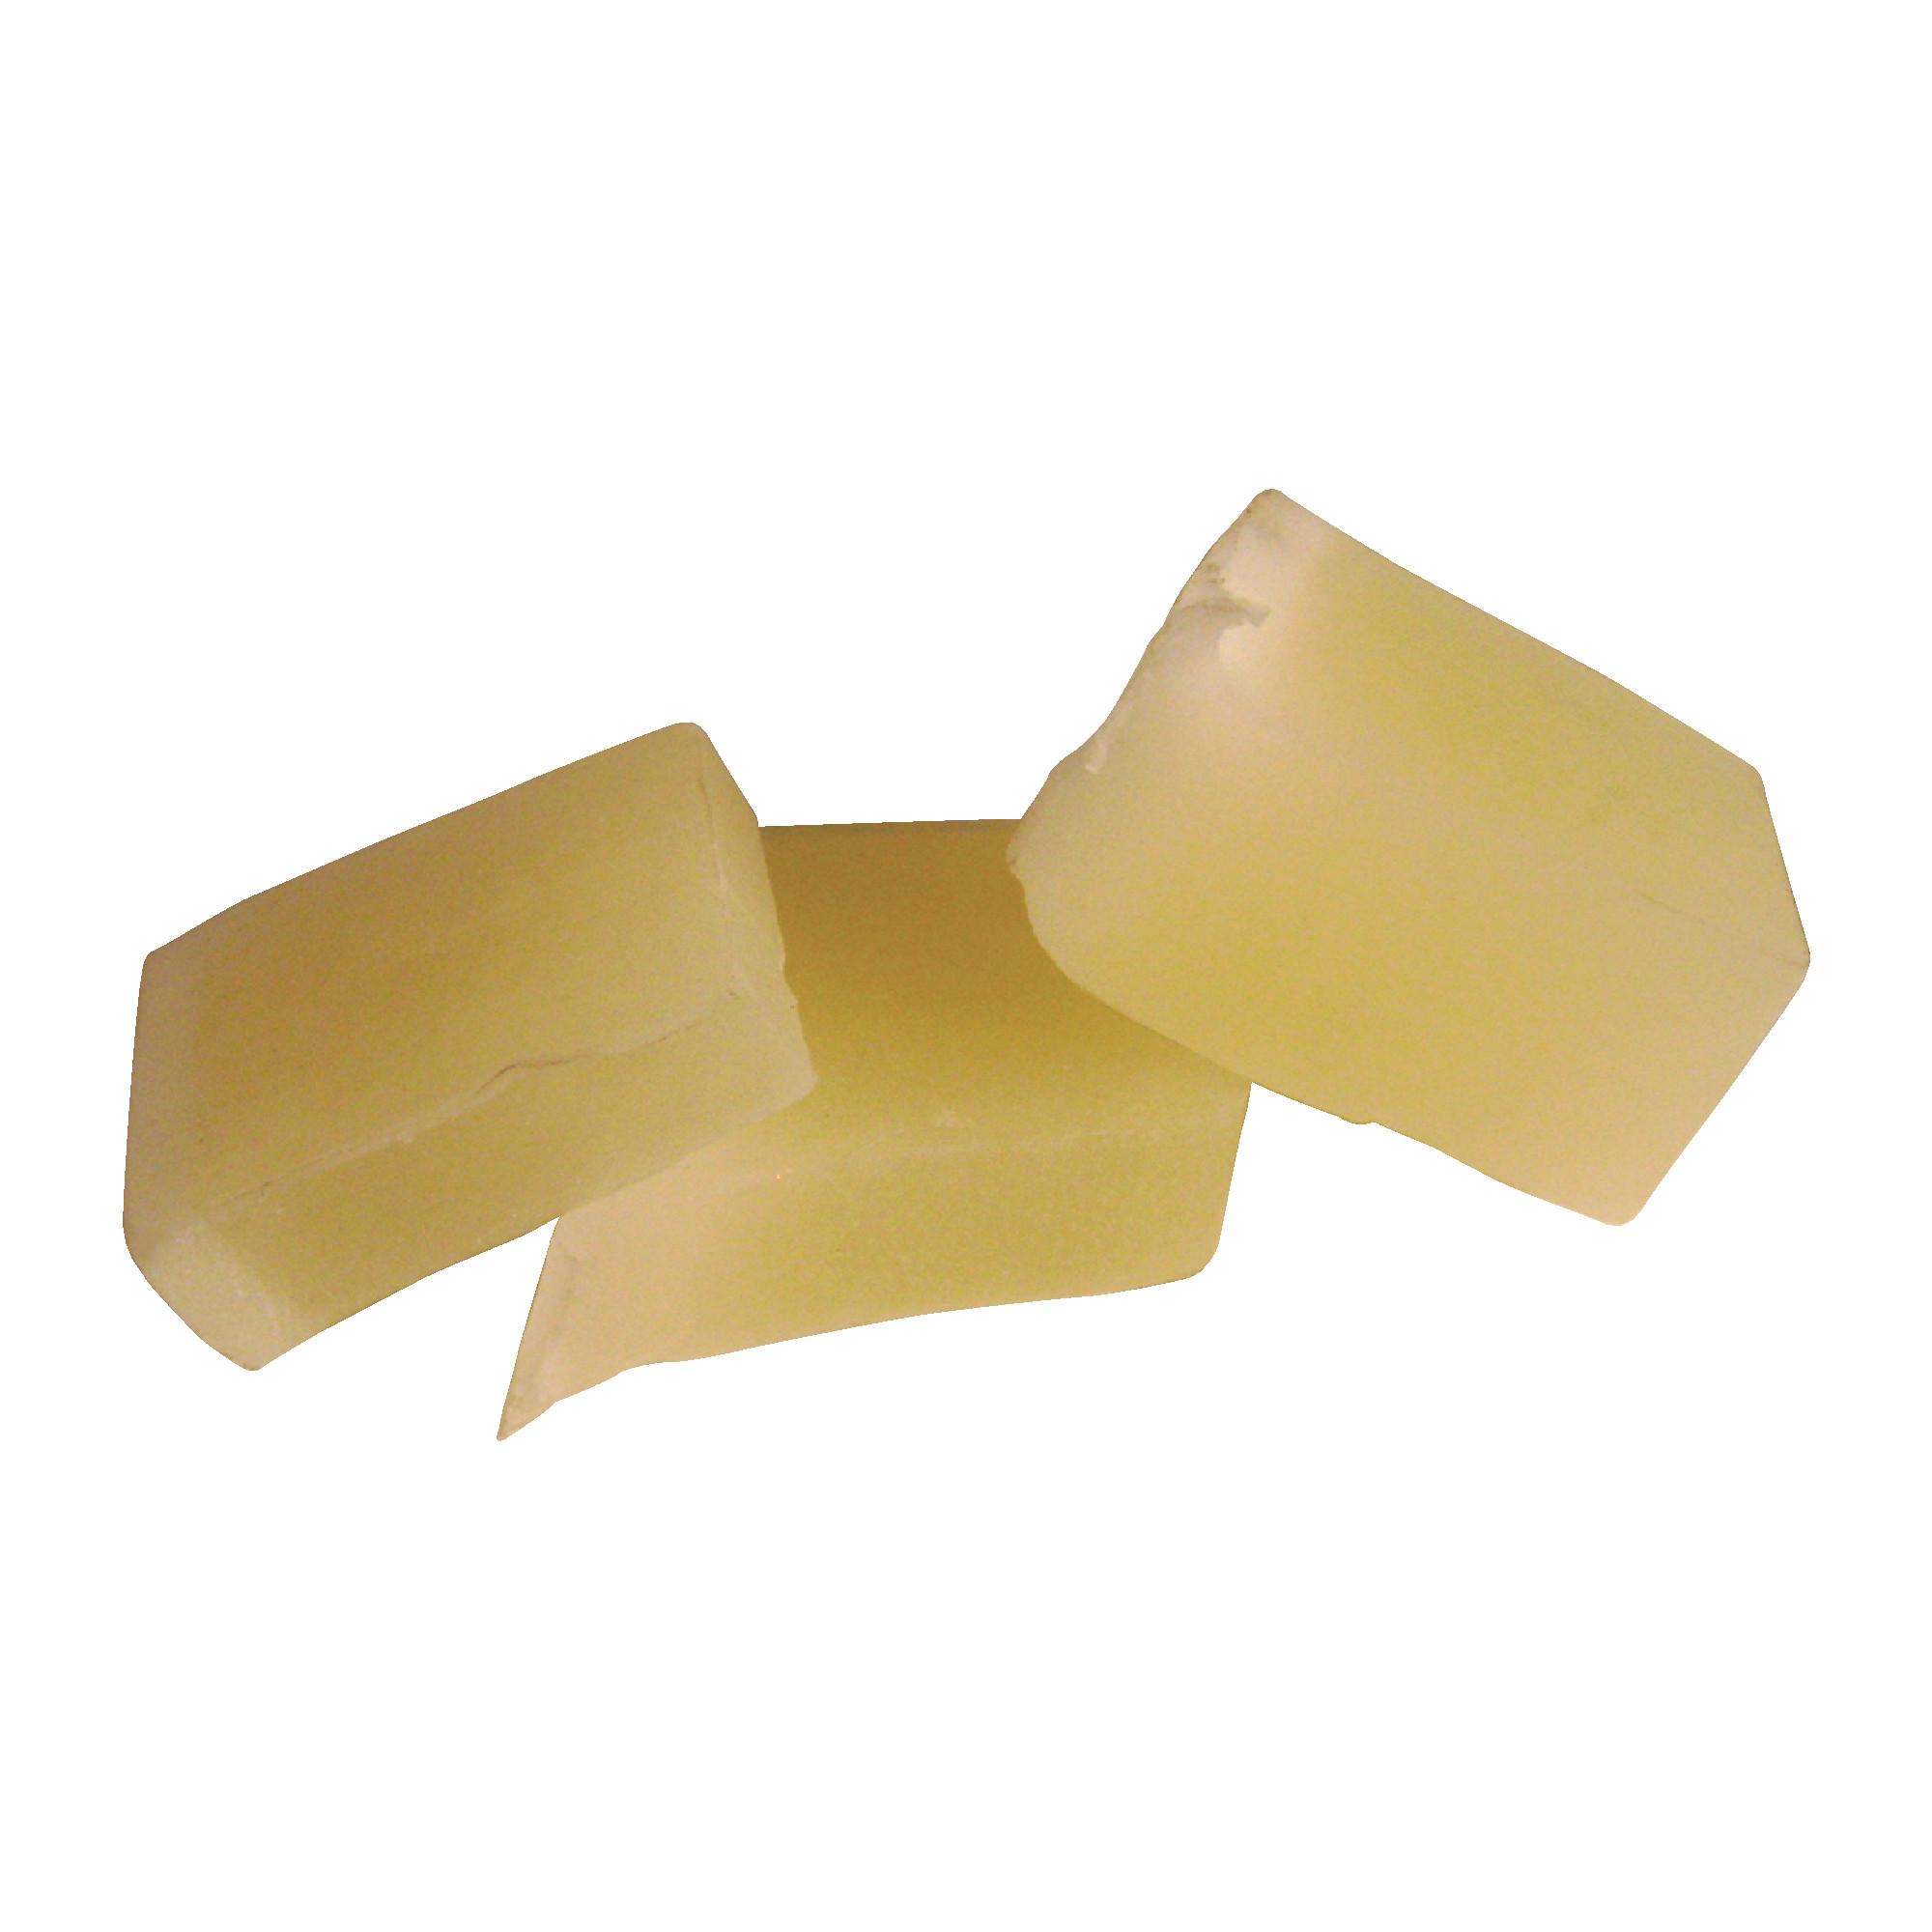 Translucent Oil-Less Coating, No Odor - Mfr.: DS88K